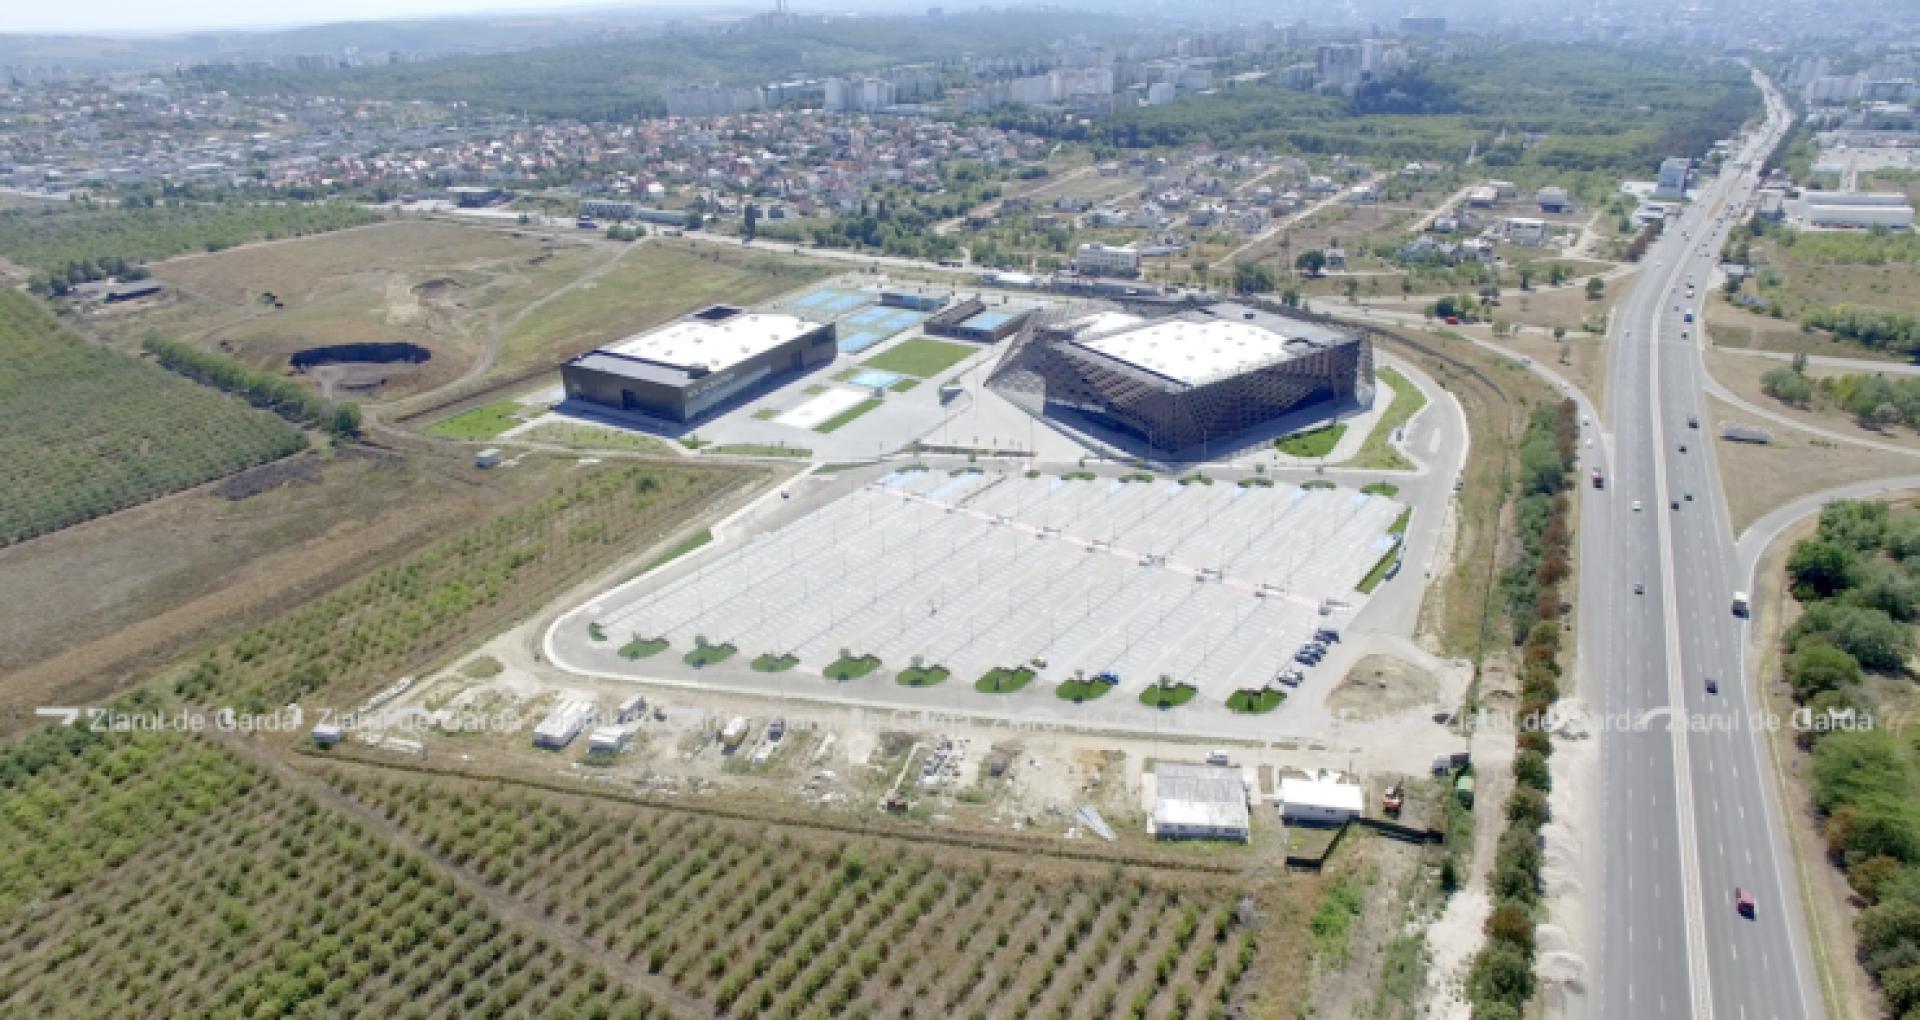 VIDEO/ Chișinău Arena: Procesul-verbal de recepție a lucrărilor complexului sportiv urmează să fie semnat marți, 18 mai. Pentru conservarea obiectului statul trebuie să găsească până la 10 milioane de lei pe an. Problema căilor de acces, în continuare fără soluții